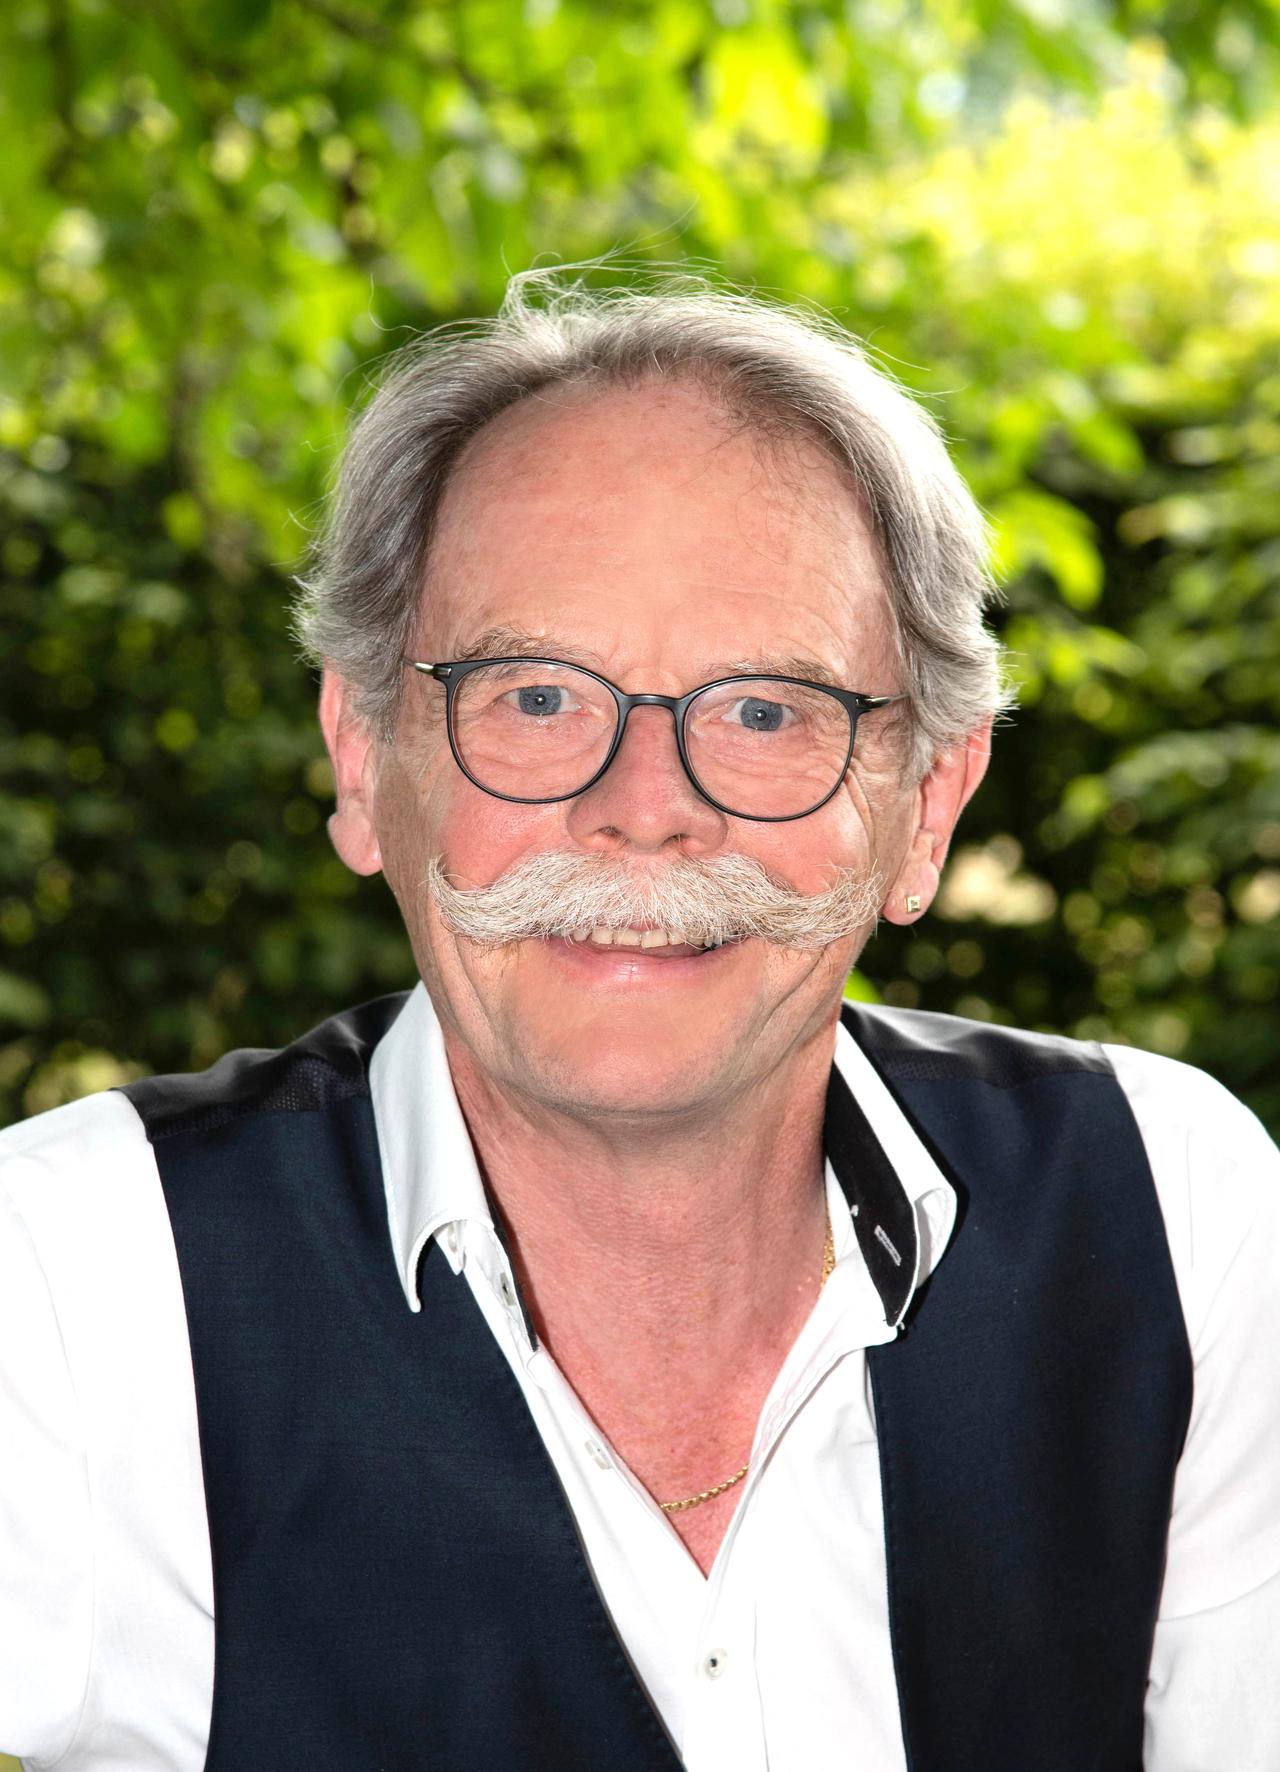 Heiner Peters